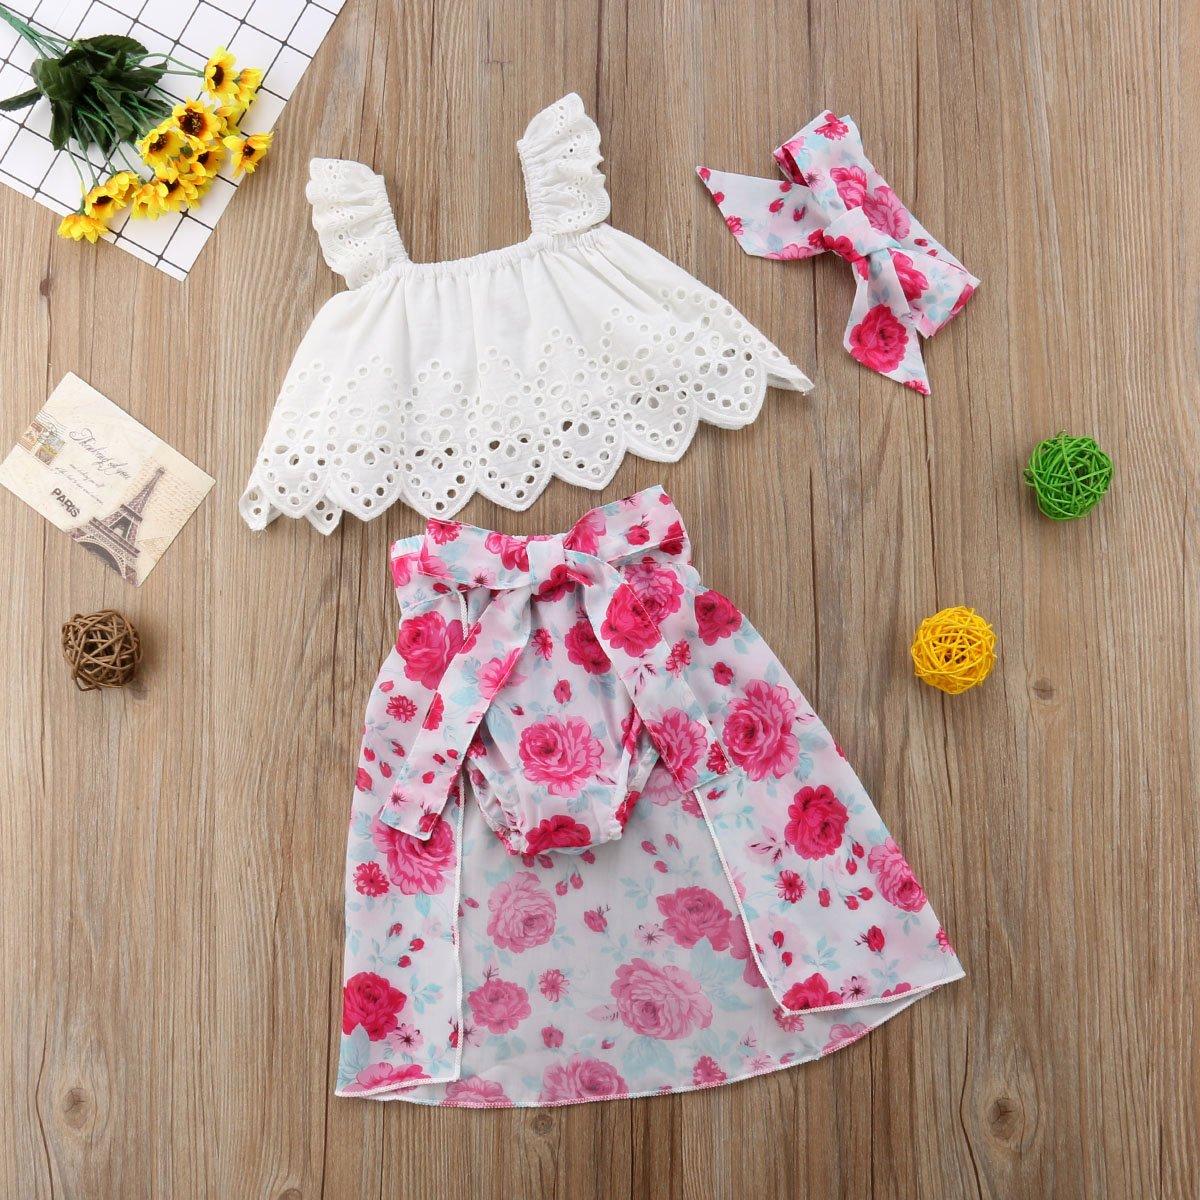 Headband Baby Girl 4Pcs Floral Print Outfit Set Ruffle Top+Bowknot Skirts+Shorts